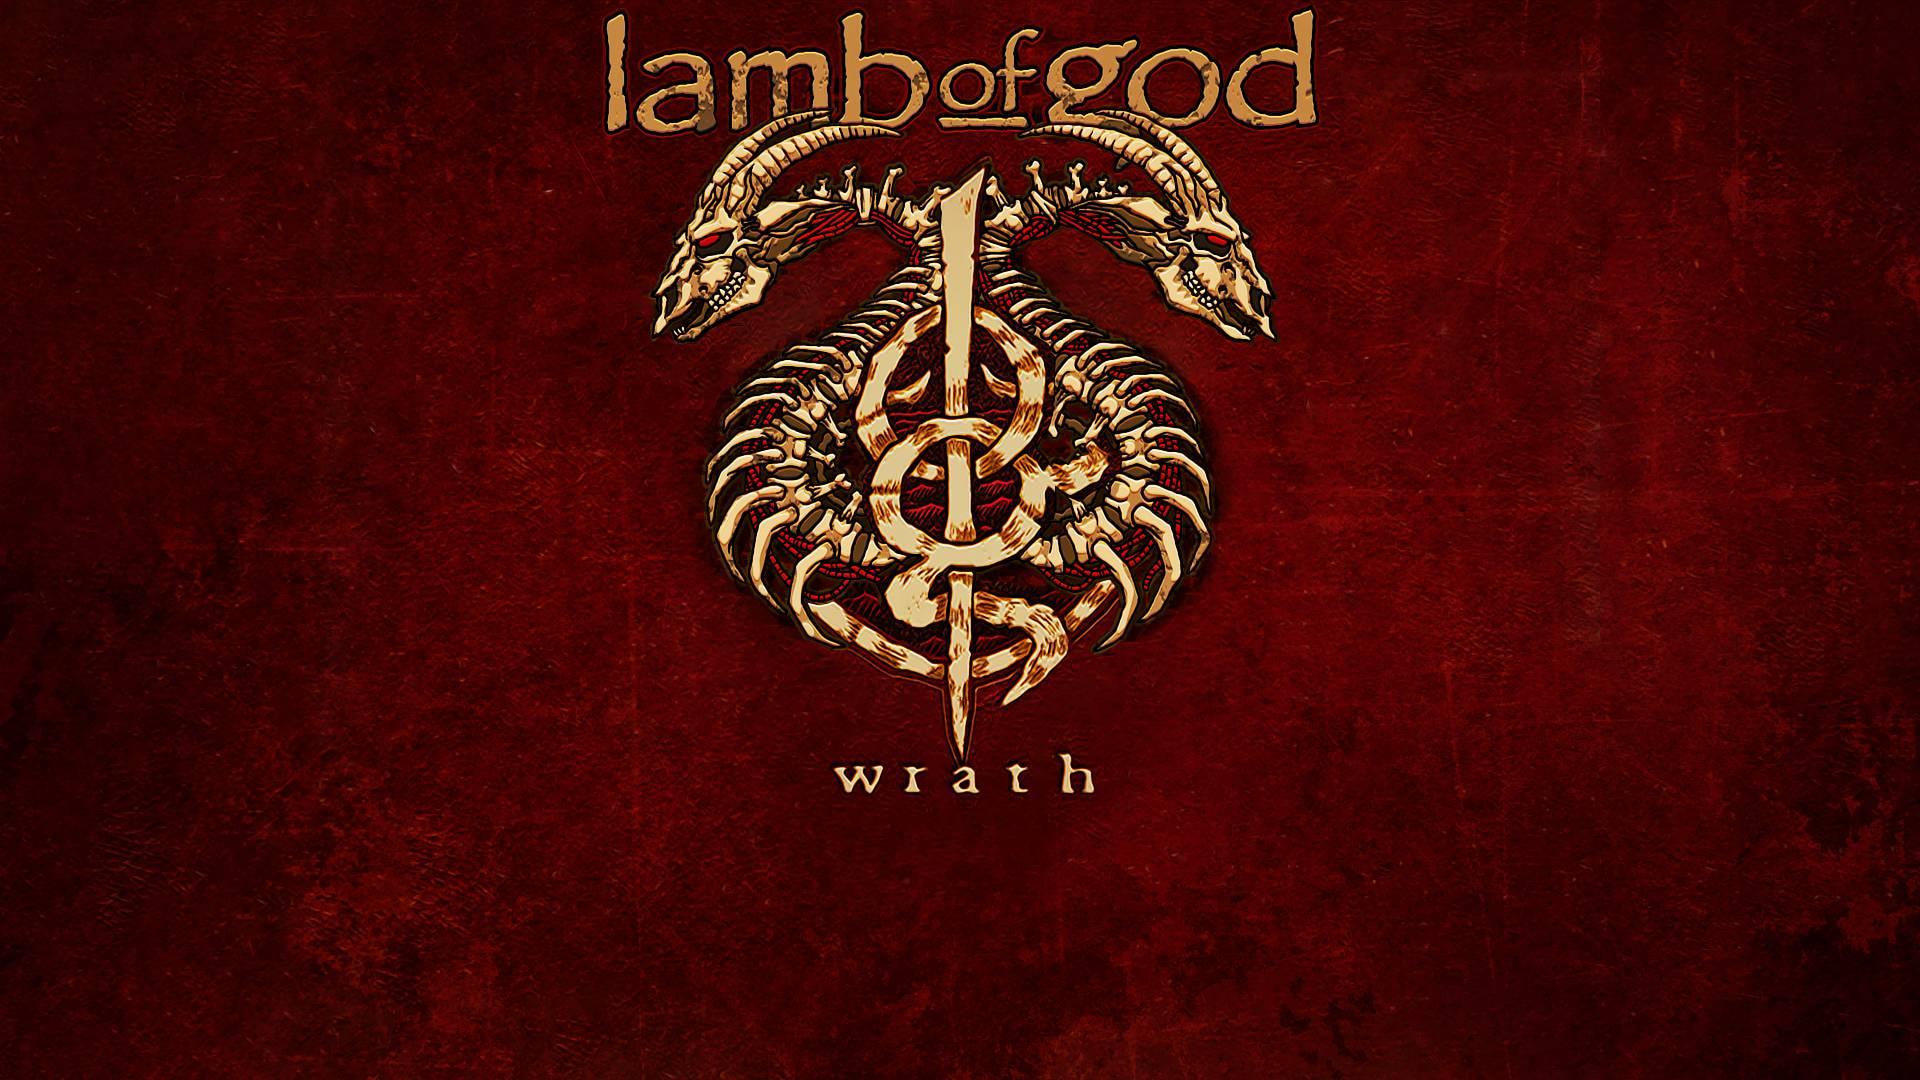 67 Lamb Of God Wallpapers On Wallpapersafari